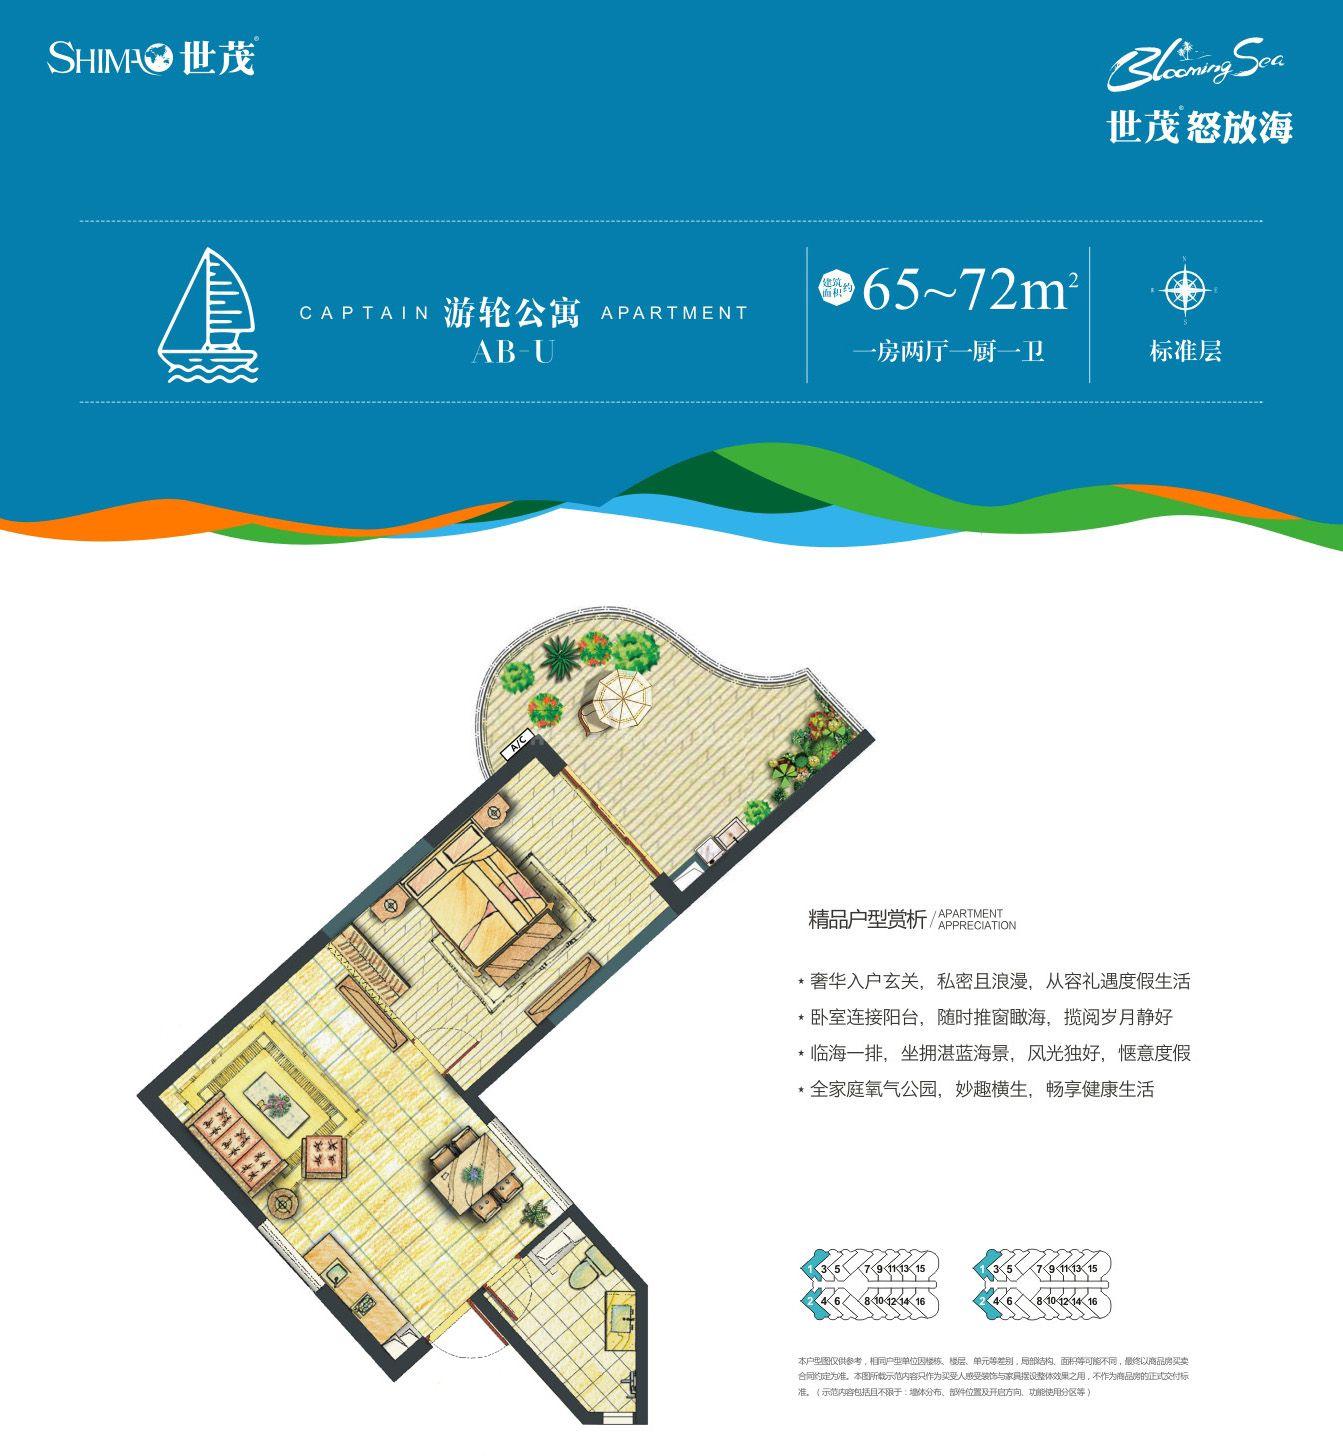 游轮公寓AB-U户型 1房2厅1厨1卫 建筑面积约65-72㎡